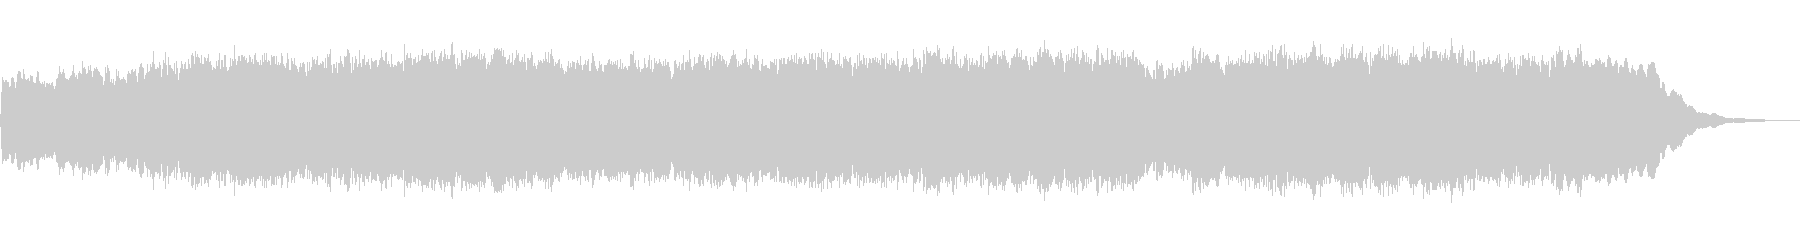 パイプオルガンのフーガ No.9の未再生の波形